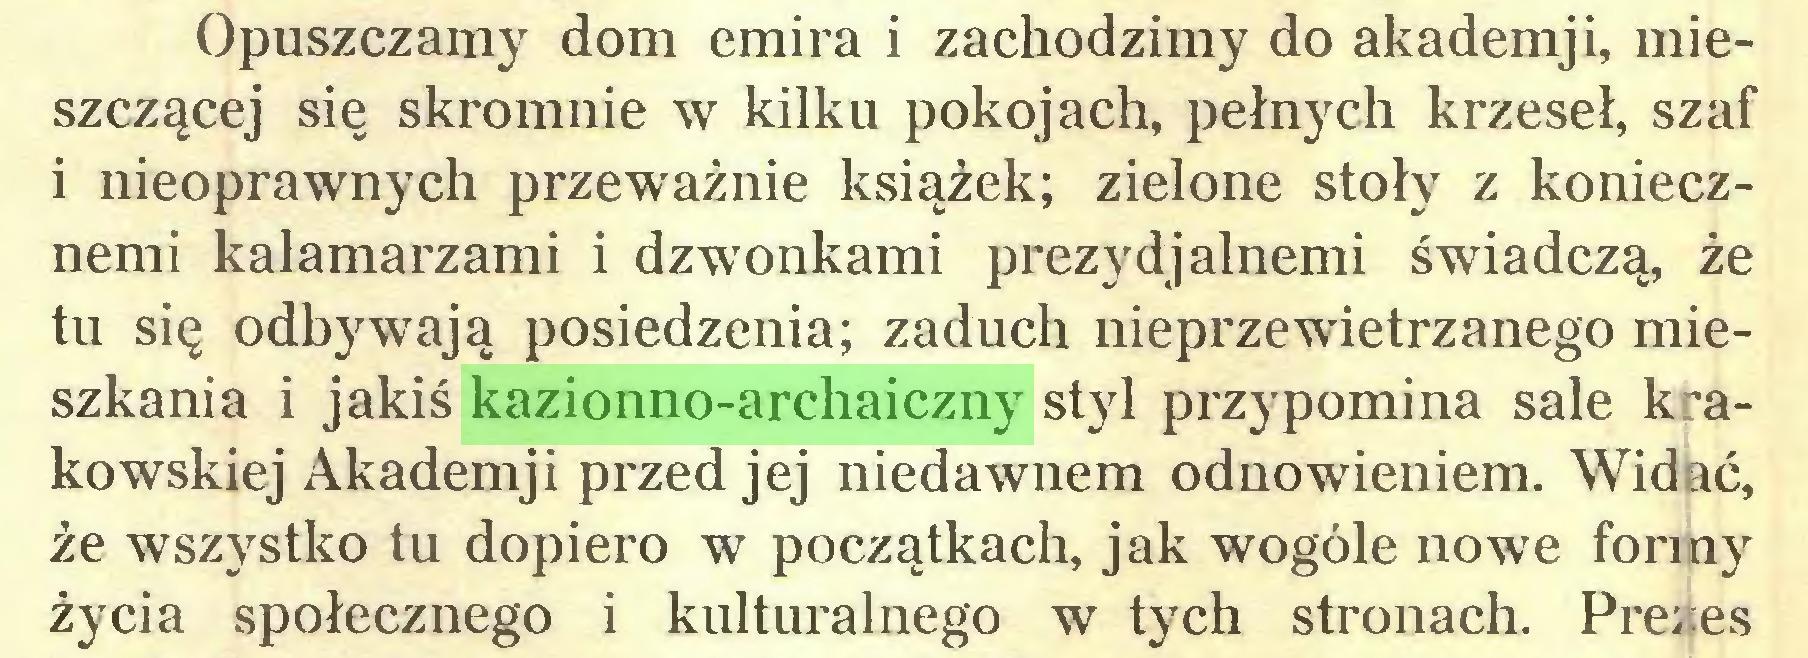 (...) Opuszczamy dom emira i zachodzimy do akademji, mieszczącej się skromnie w kilku pokojach, pełnych krzeseł, szaf i nieoprawnych przeważnie książek; zielone stoły z koniecznemi kałamarzami i dzwonkami prezydjalnemi świadczą, że tu się odbywają posiedzenia; zaduch nieprzewietrzanego mieszkania i jakiś kazionno-archaiczny styl przypomina sale krakowskiej Akademji przed jej niedawnem odnowieniem. Widać, że wszystko tu dopiero w początkach, jak wogóle nowe formy życia społecznego i kulturalnego w tych stronach. Prezes...